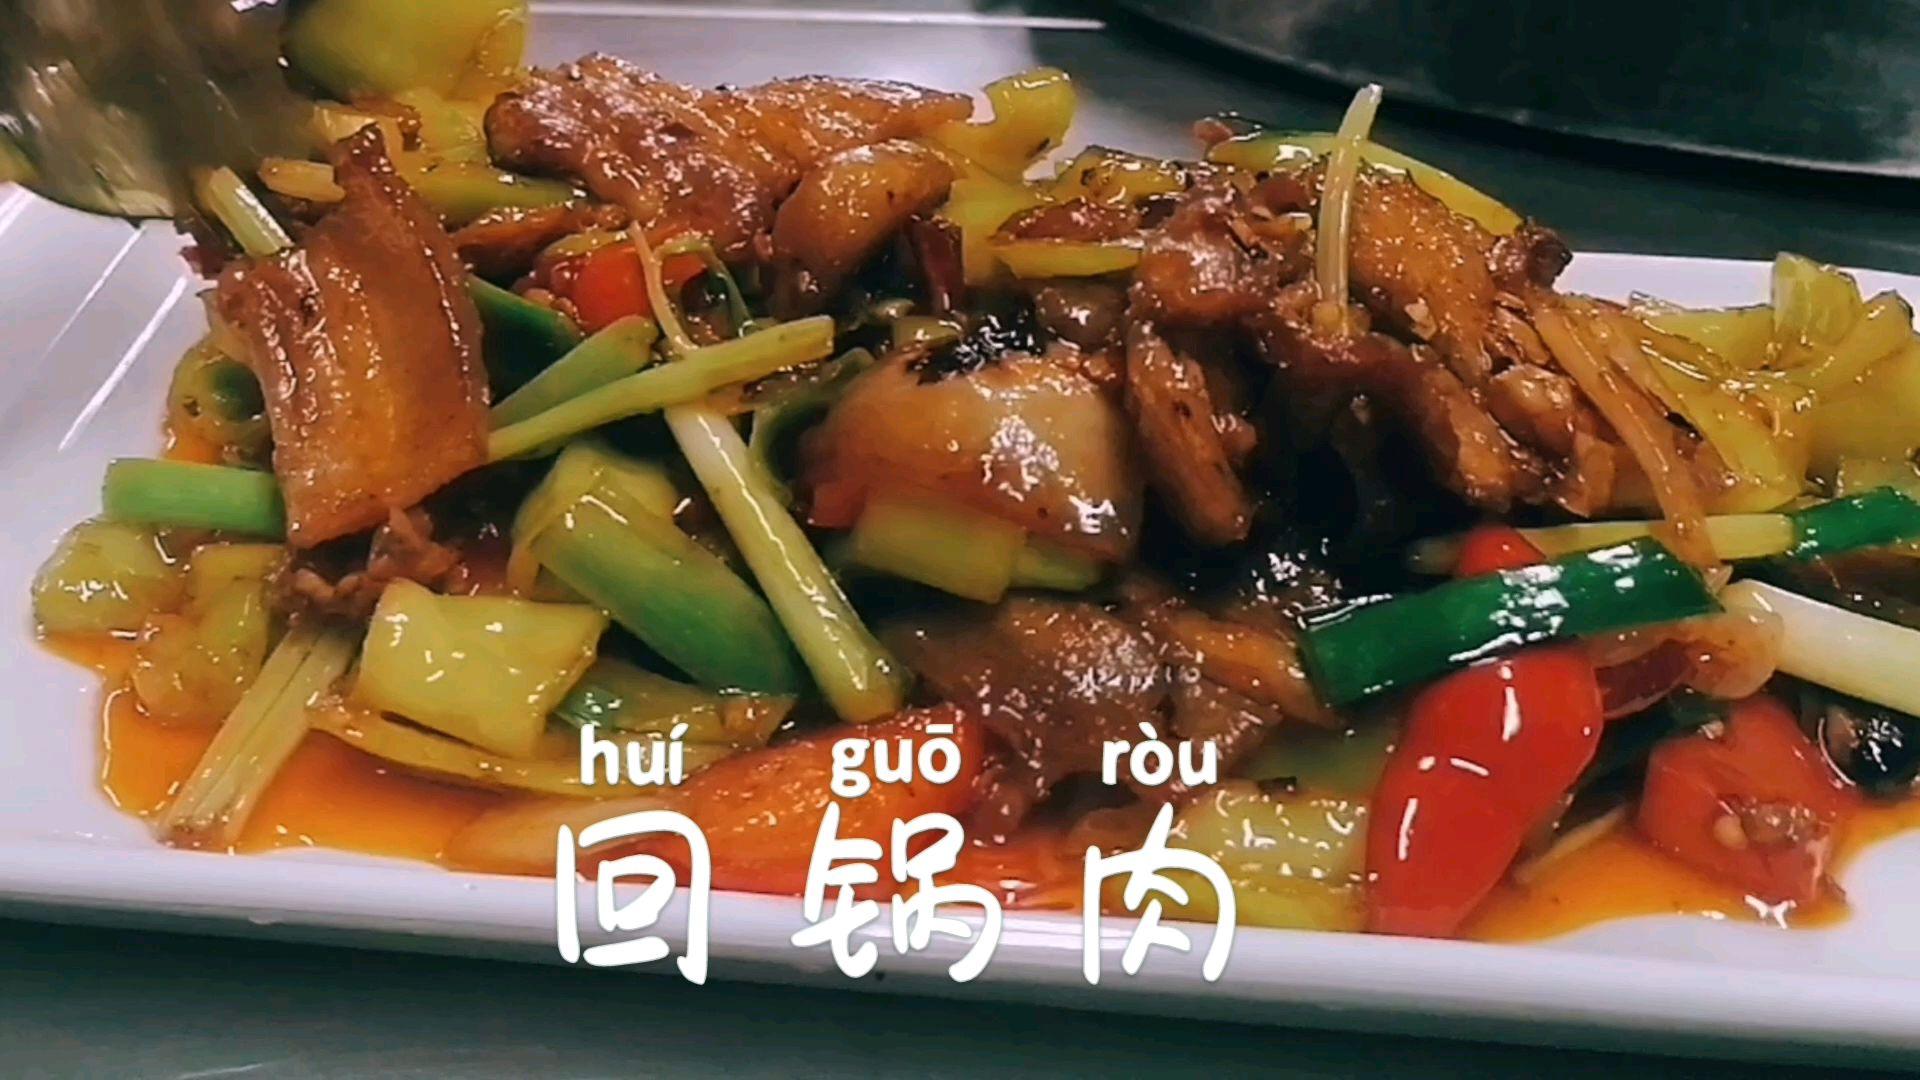 青椒回锅肉,四川的特色美食,这样炒出来我一次可以吃三碗米饭